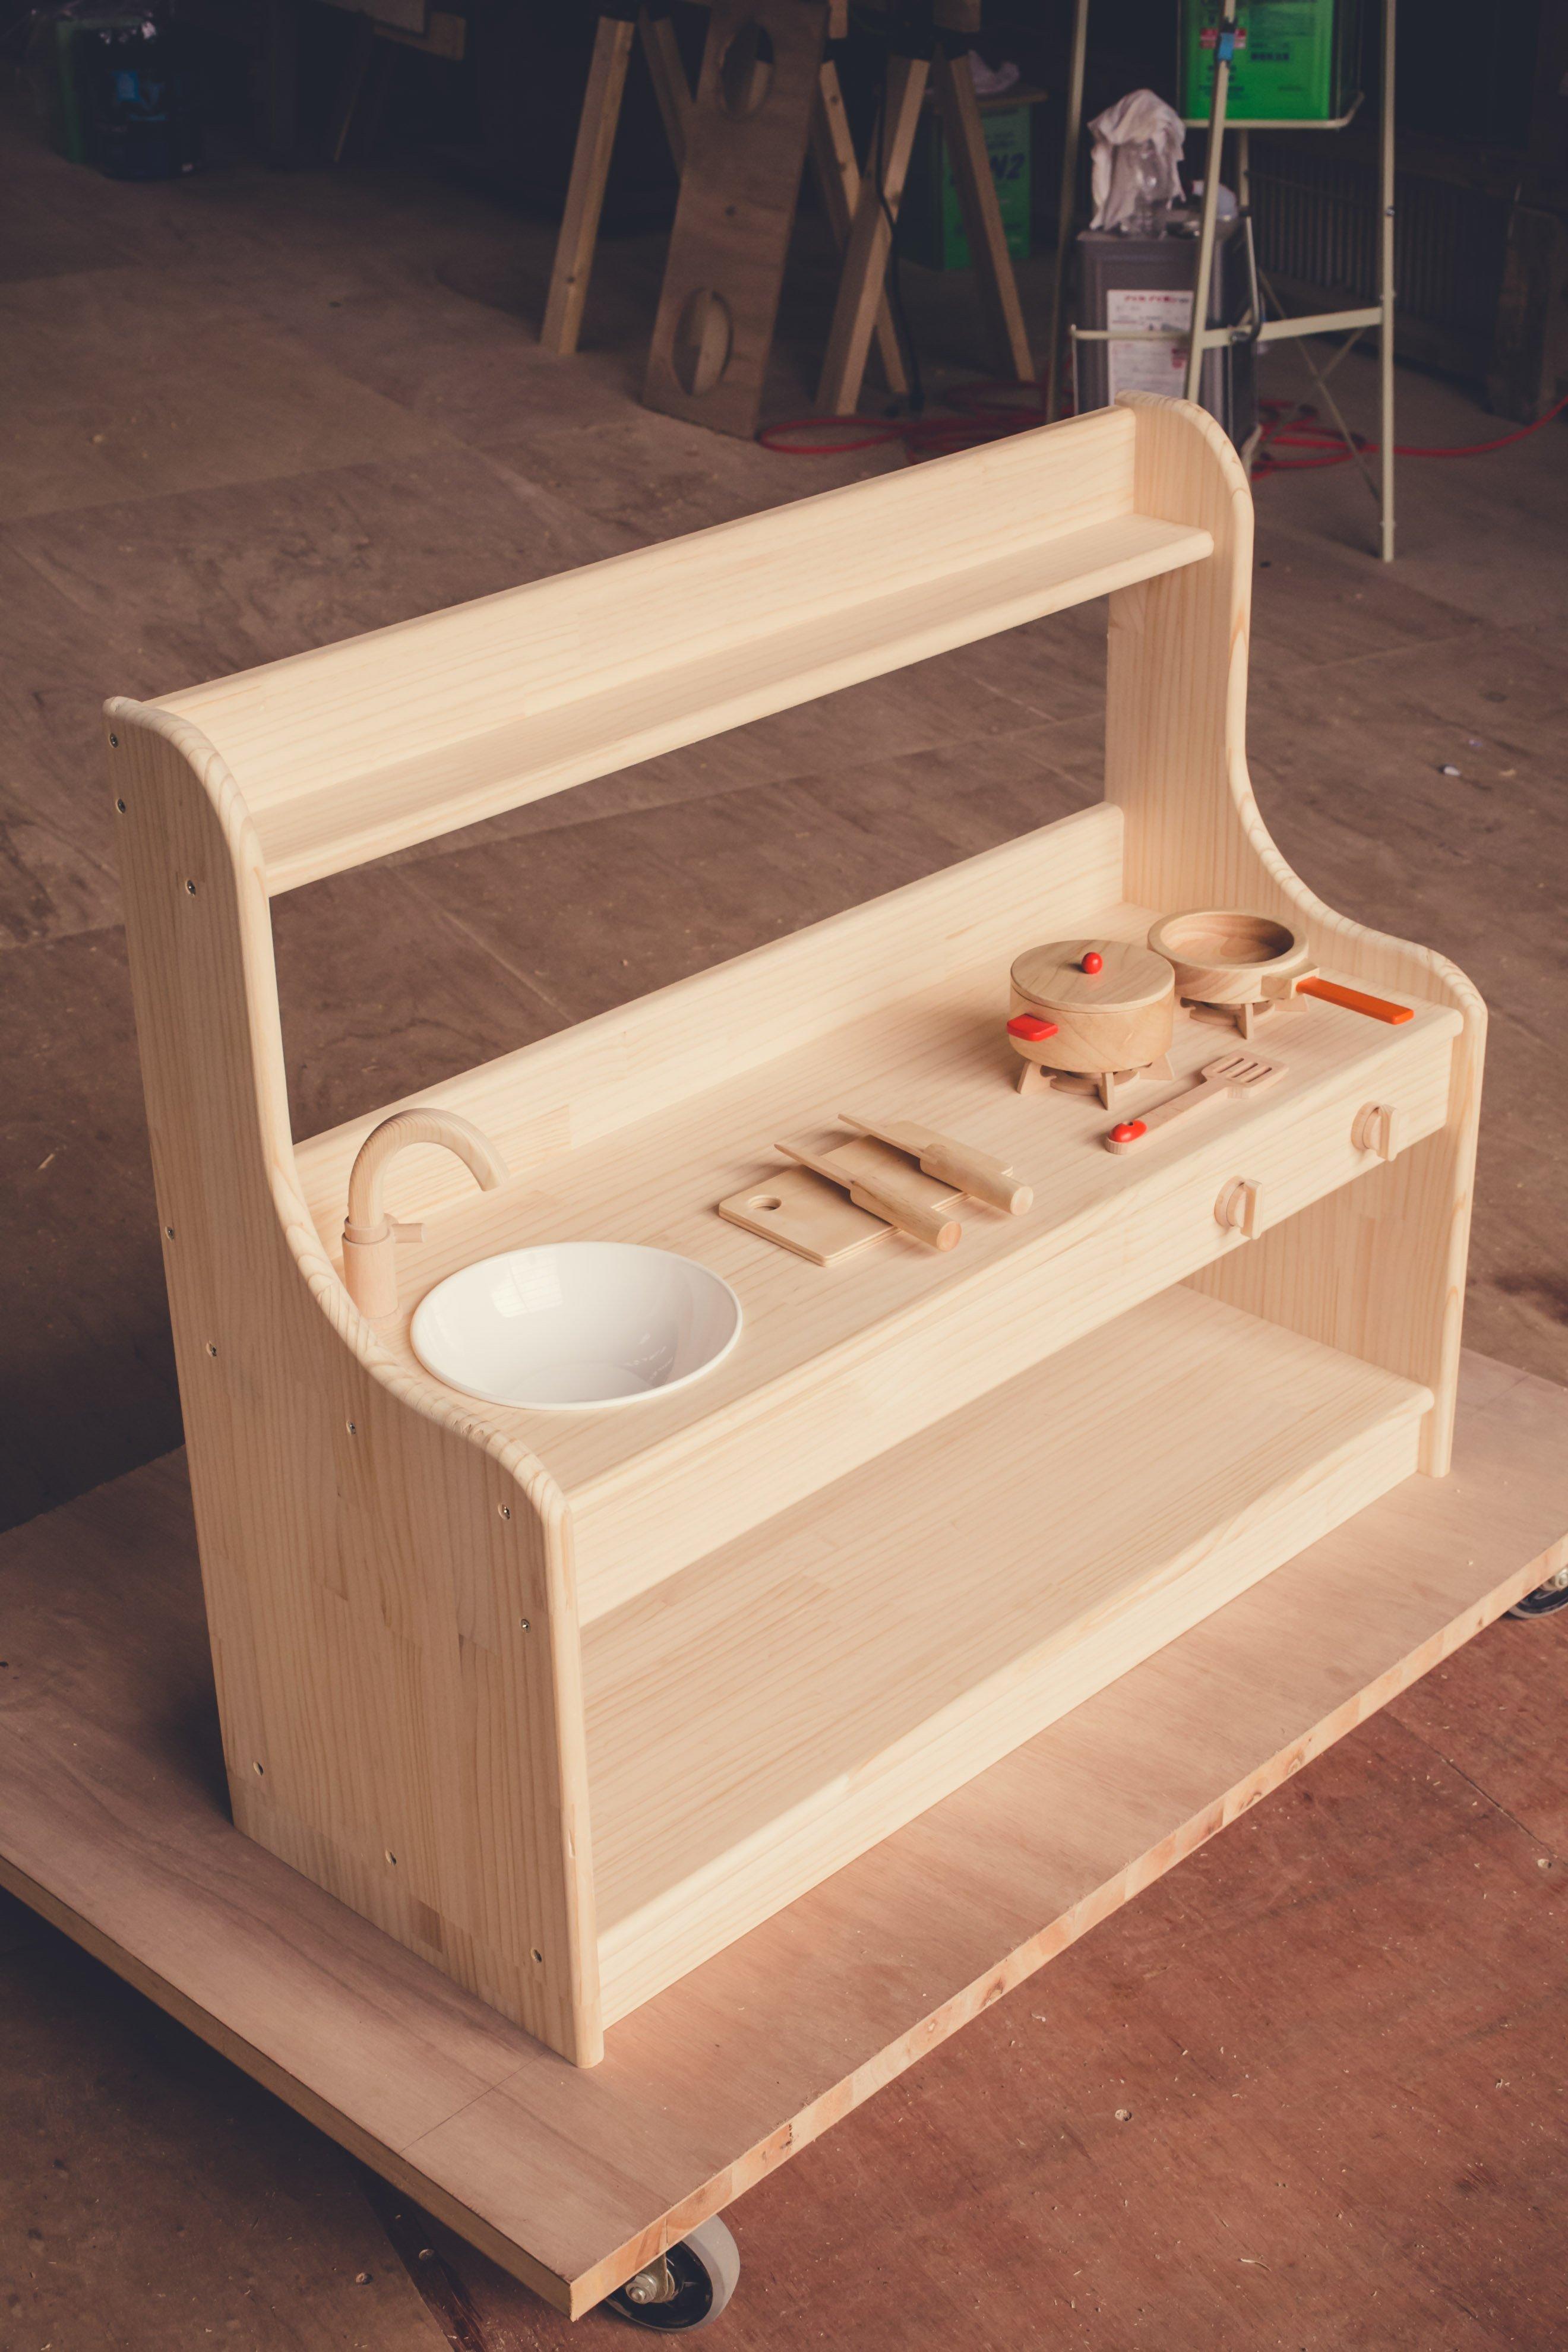 S様専用 オリジナルちびっこキッチンのイメージその1